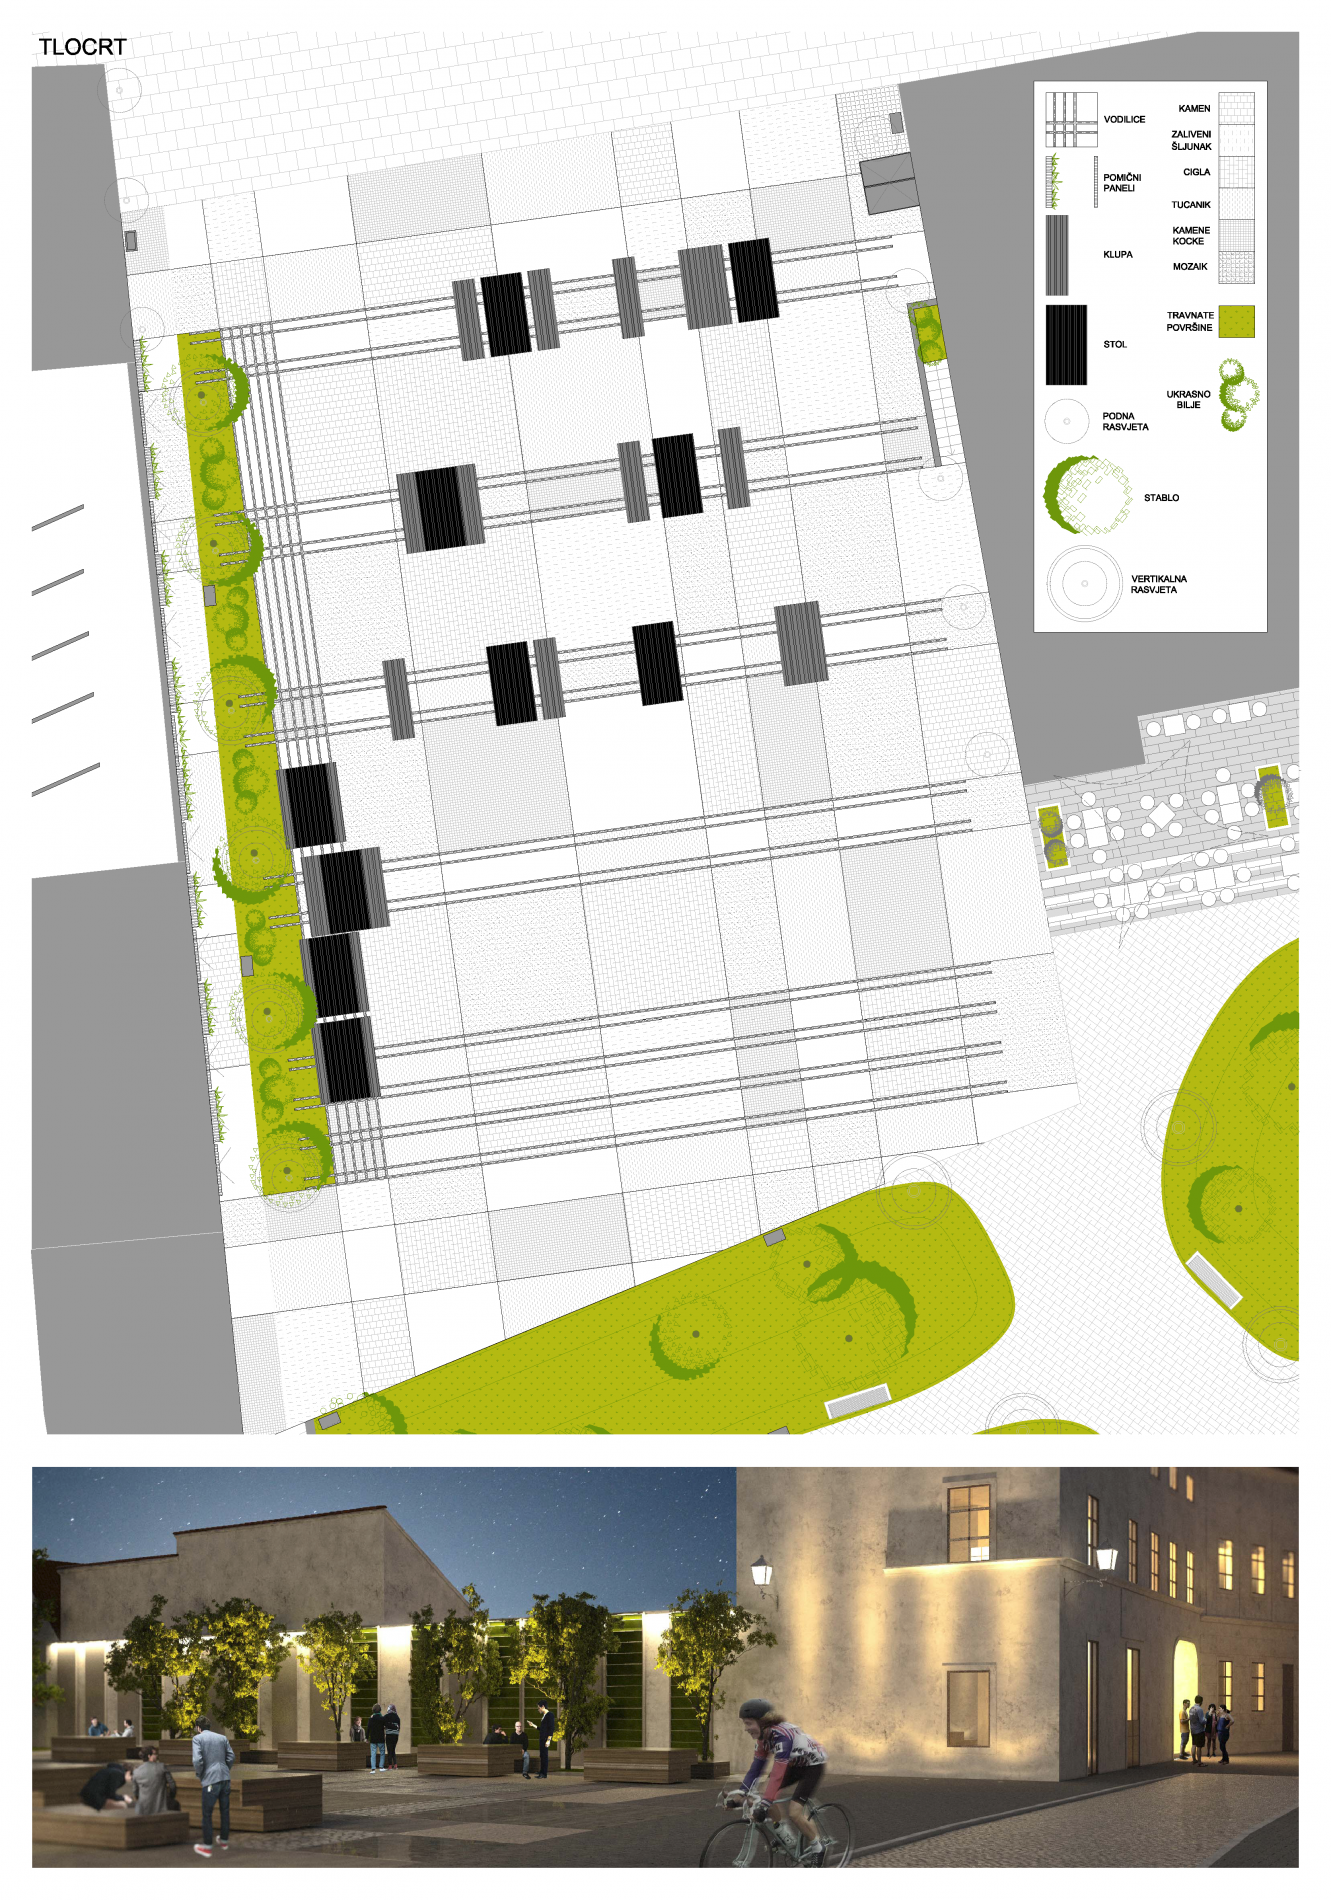 natječaj varaždin, varaždin, palača zakmardy, uređenje prostora, urbanizam, urban plan, habdelićeva, upi-2m, upi2m